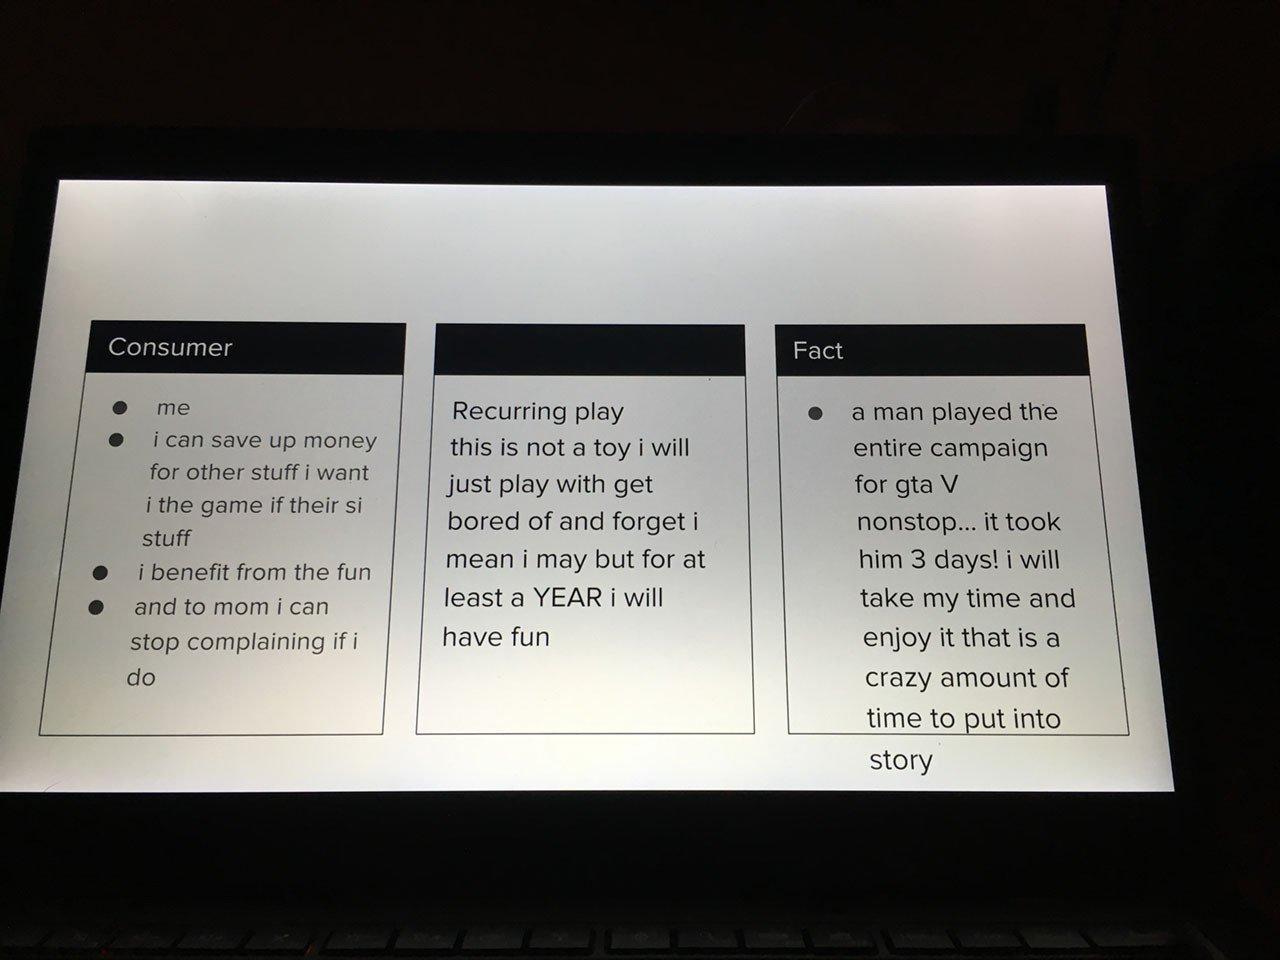 13-летний мальчик убедил родителей купить ему GTA V с помощью презентации в PowerPoint - Изображение 6